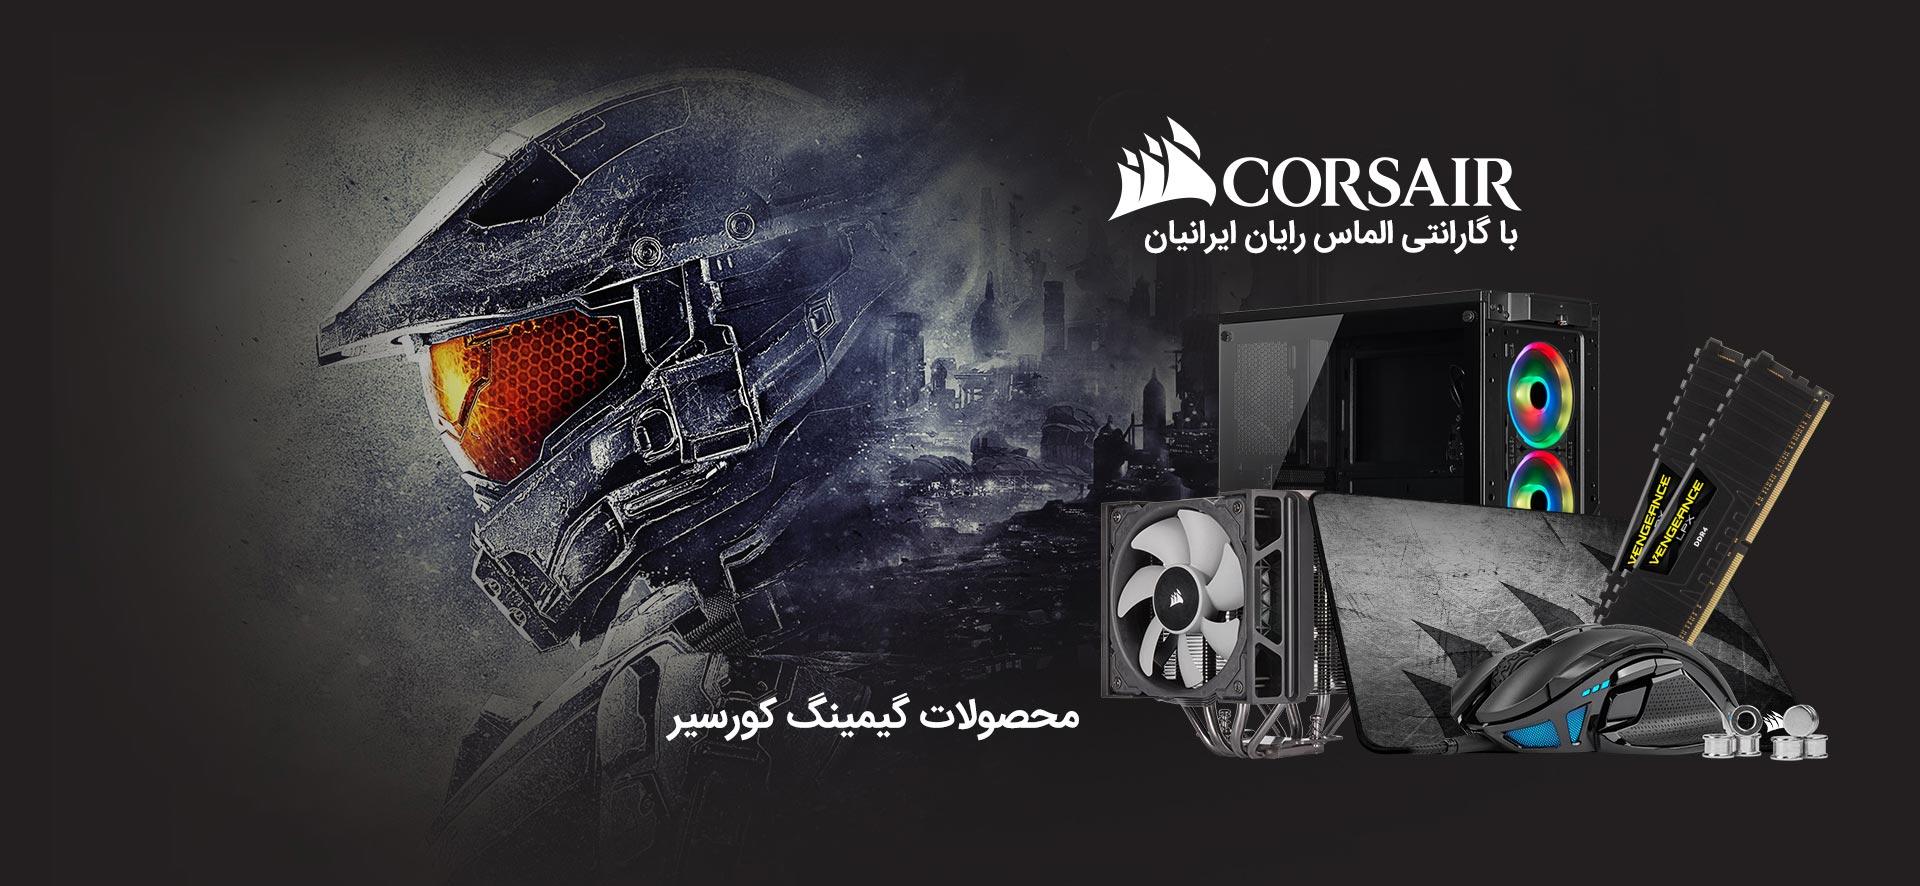 کورسیر | Corsair